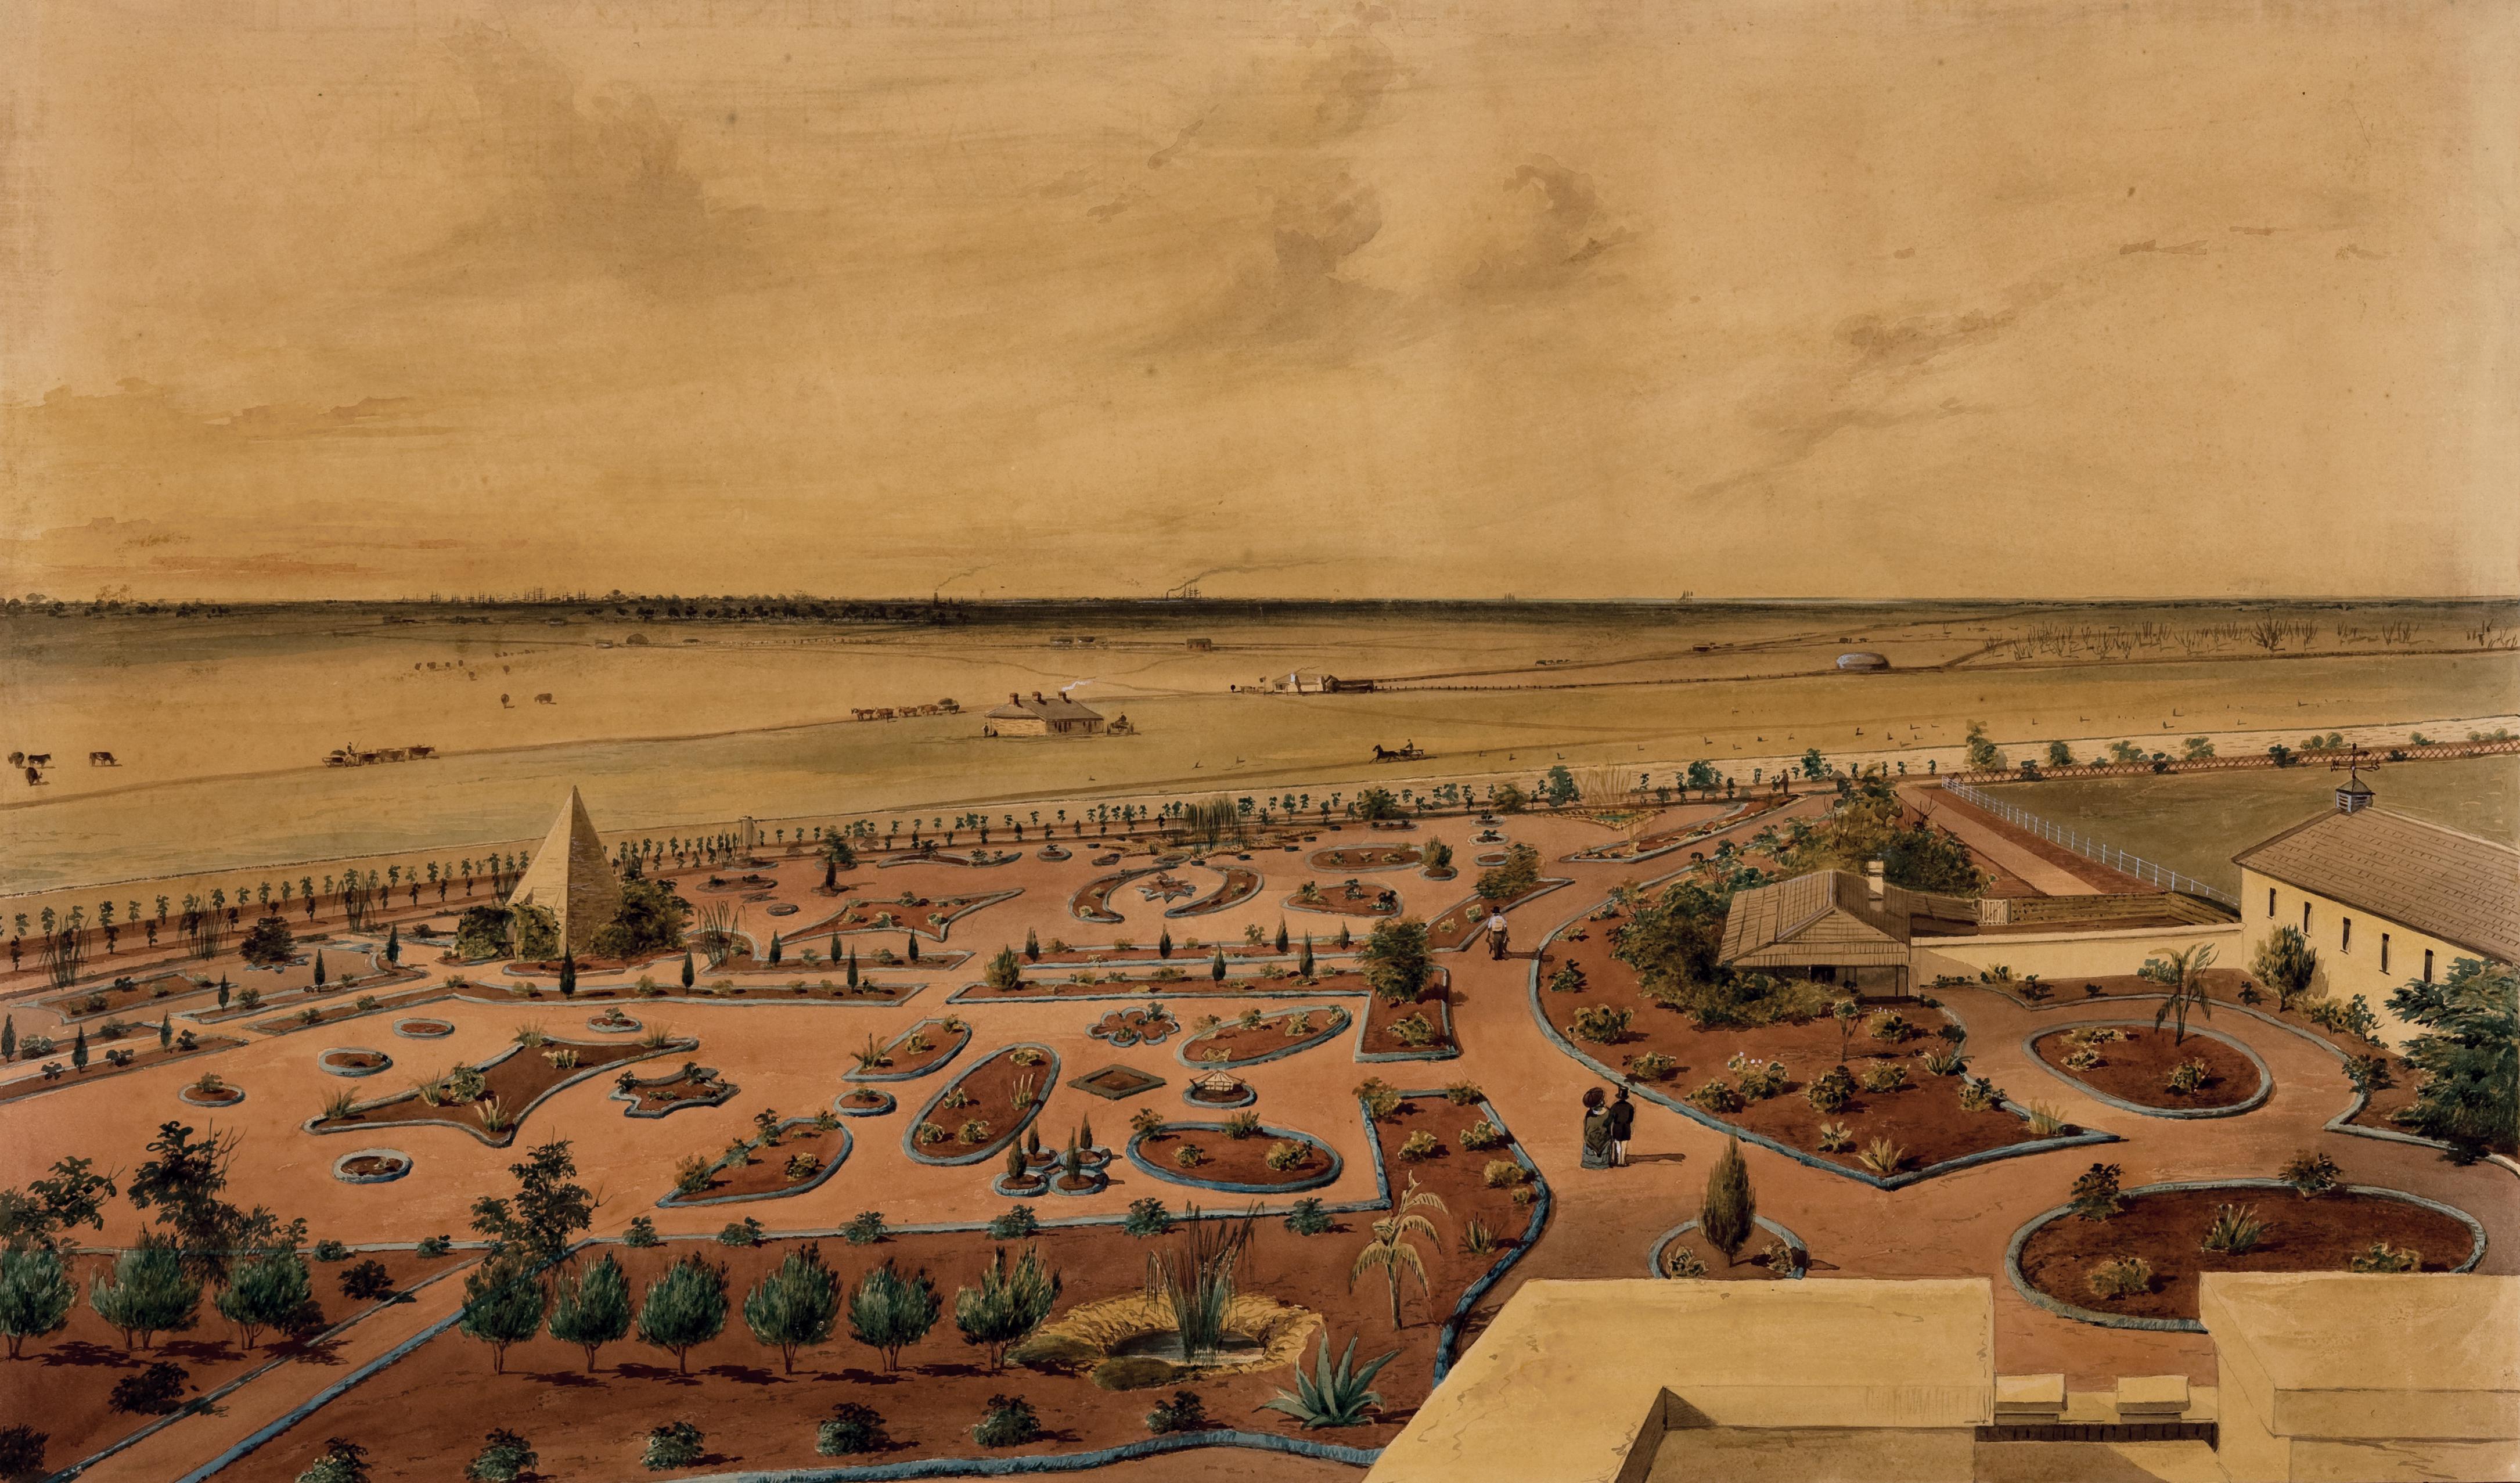 Thumbnail image for AGSA 0.1349